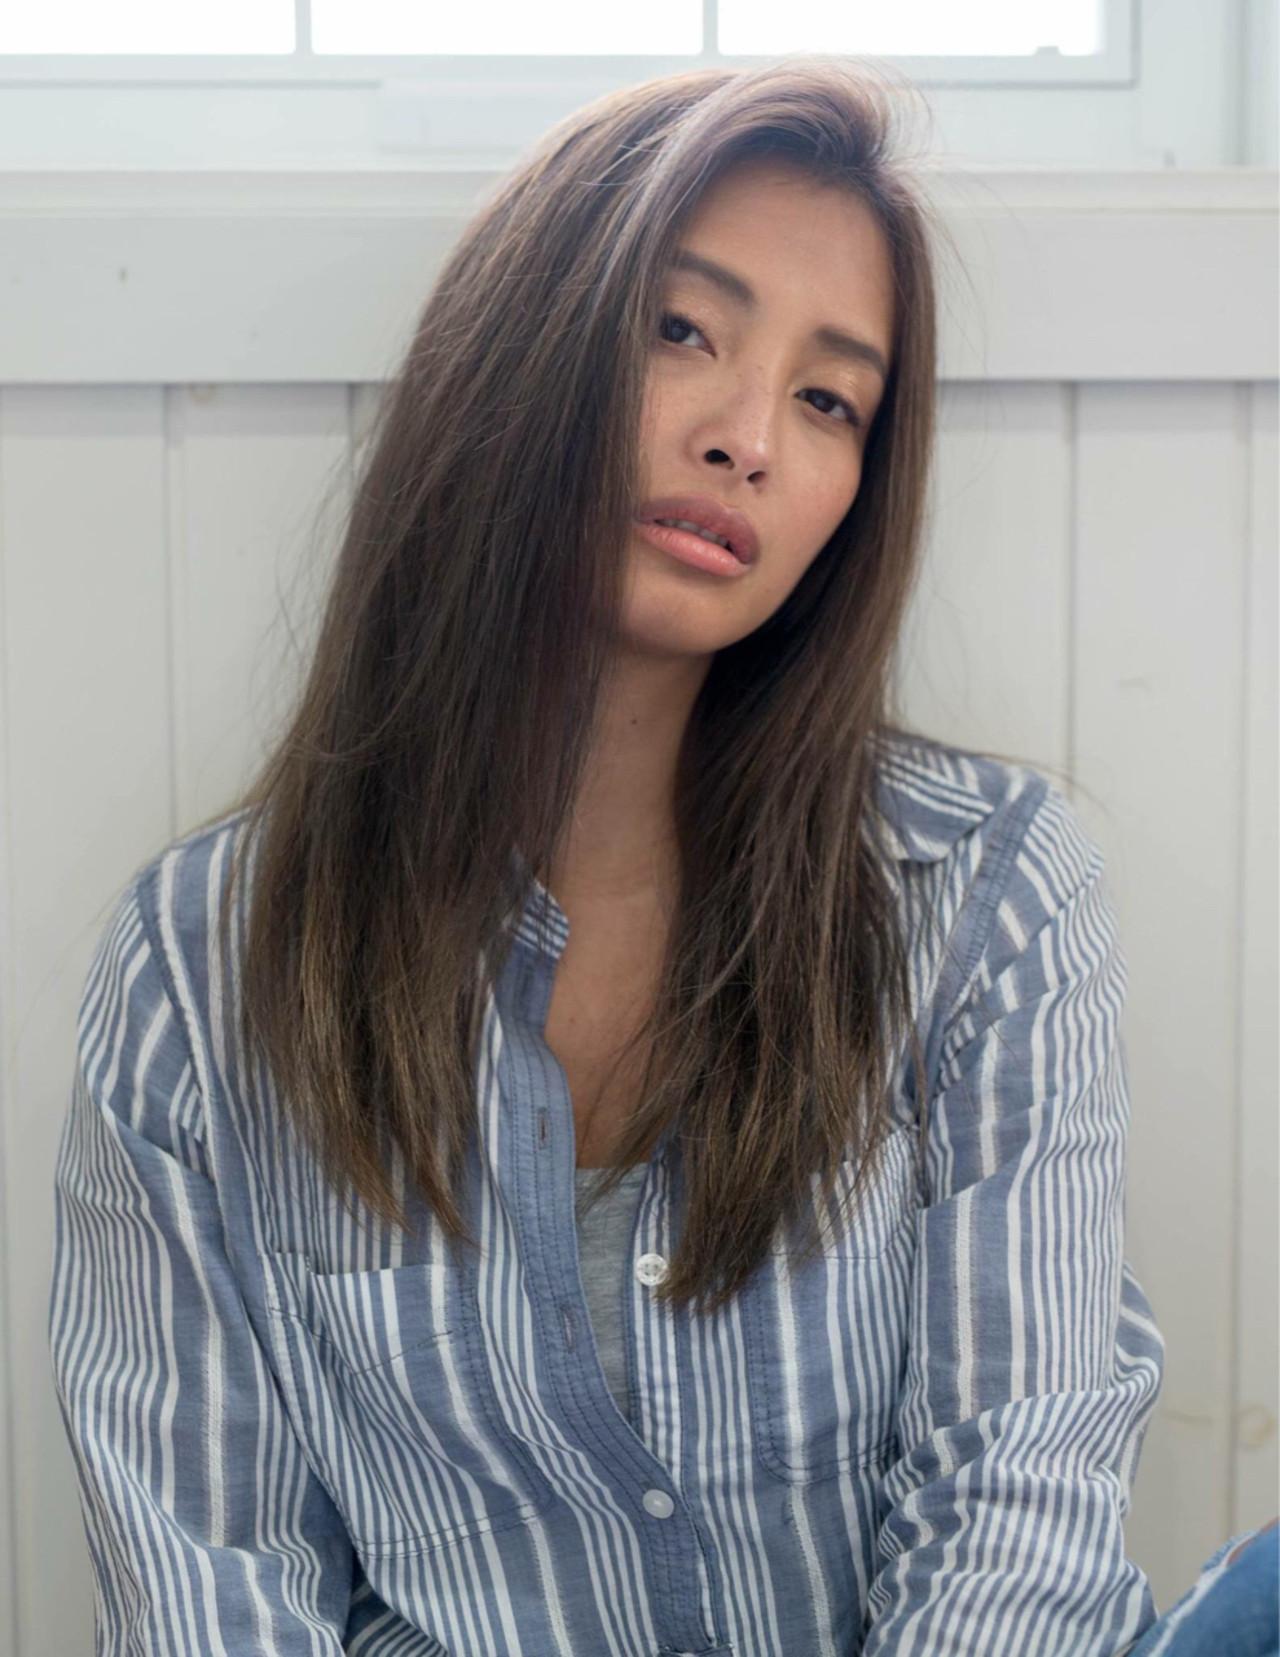 ストレート 大人女子 ナチュラル 小顔 ヘアスタイルや髪型の写真・画像